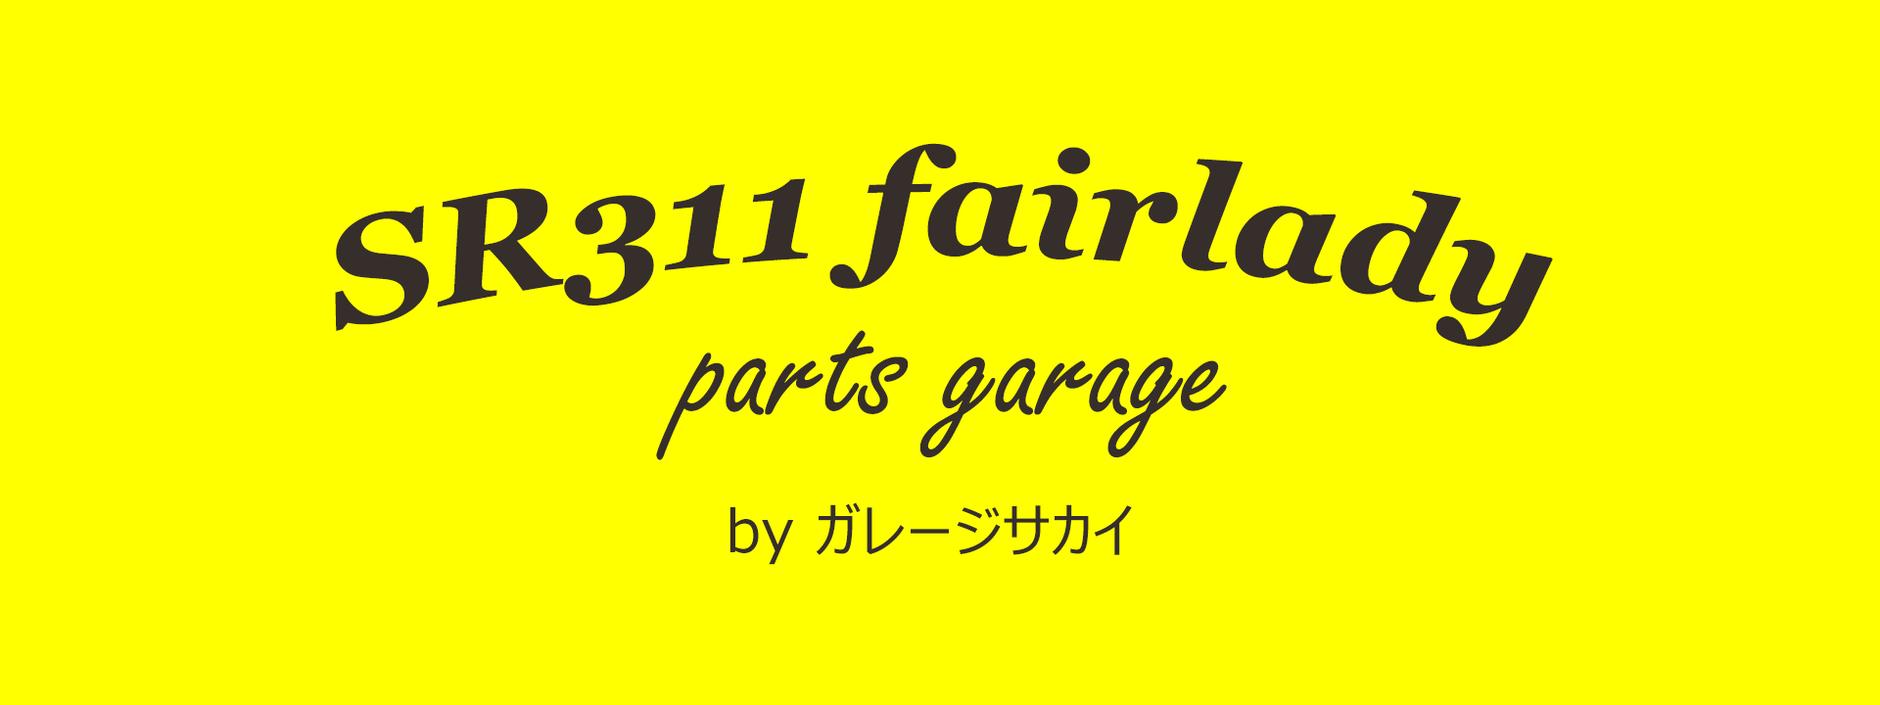 SR311 フェアレディ パーツガレージ(ガレージサカイ)